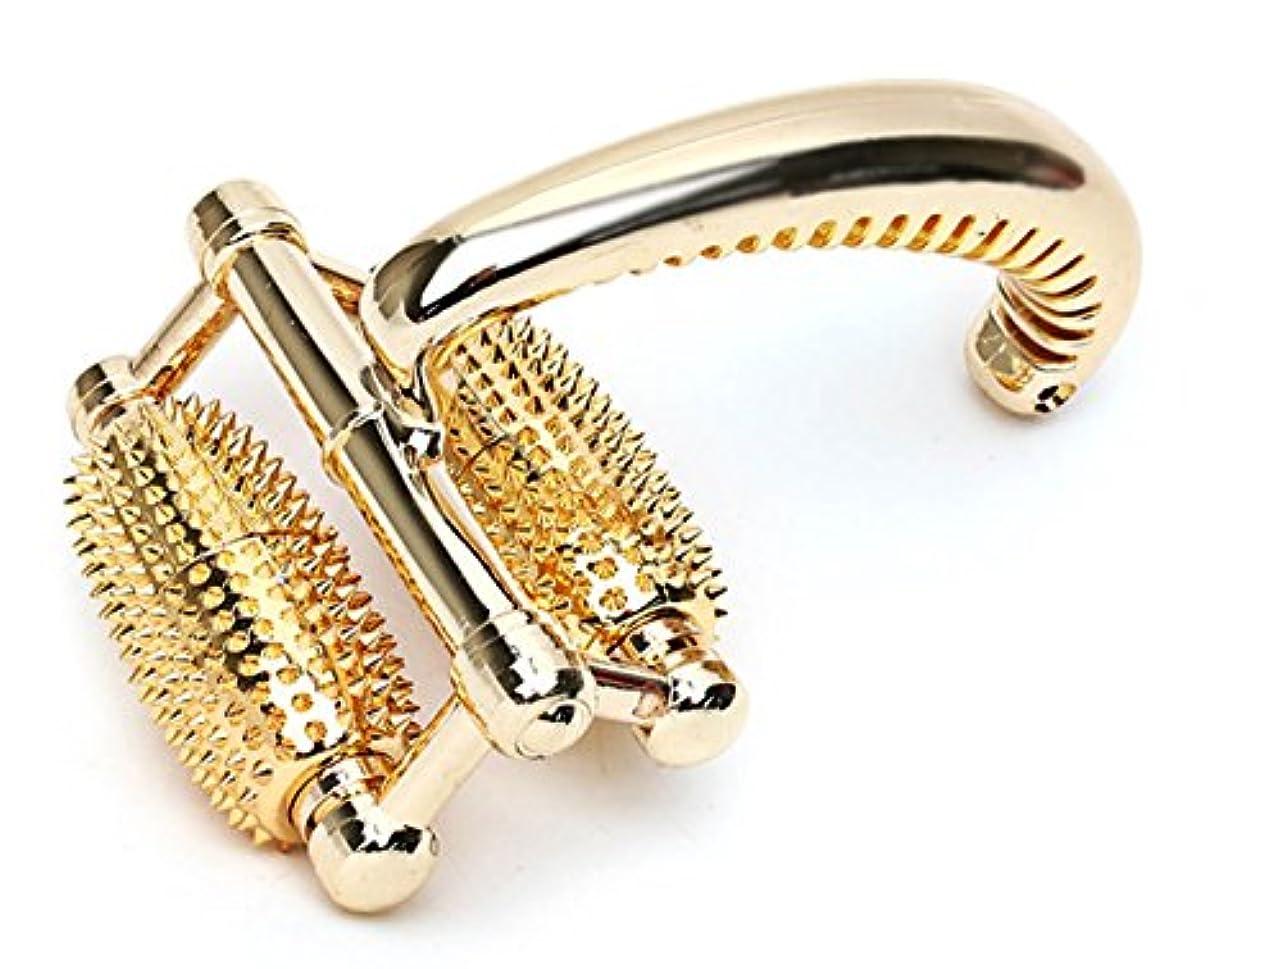 エラー記念日恐ろしいですSungjinABLE 金針ローラー 全身マッサージ器 ローラ 経穴点 指圧マッサージ機 手のひら 足 肩 首 アンマ機 海外直送品 (Gold Full Body Roller Massager Acupressure...